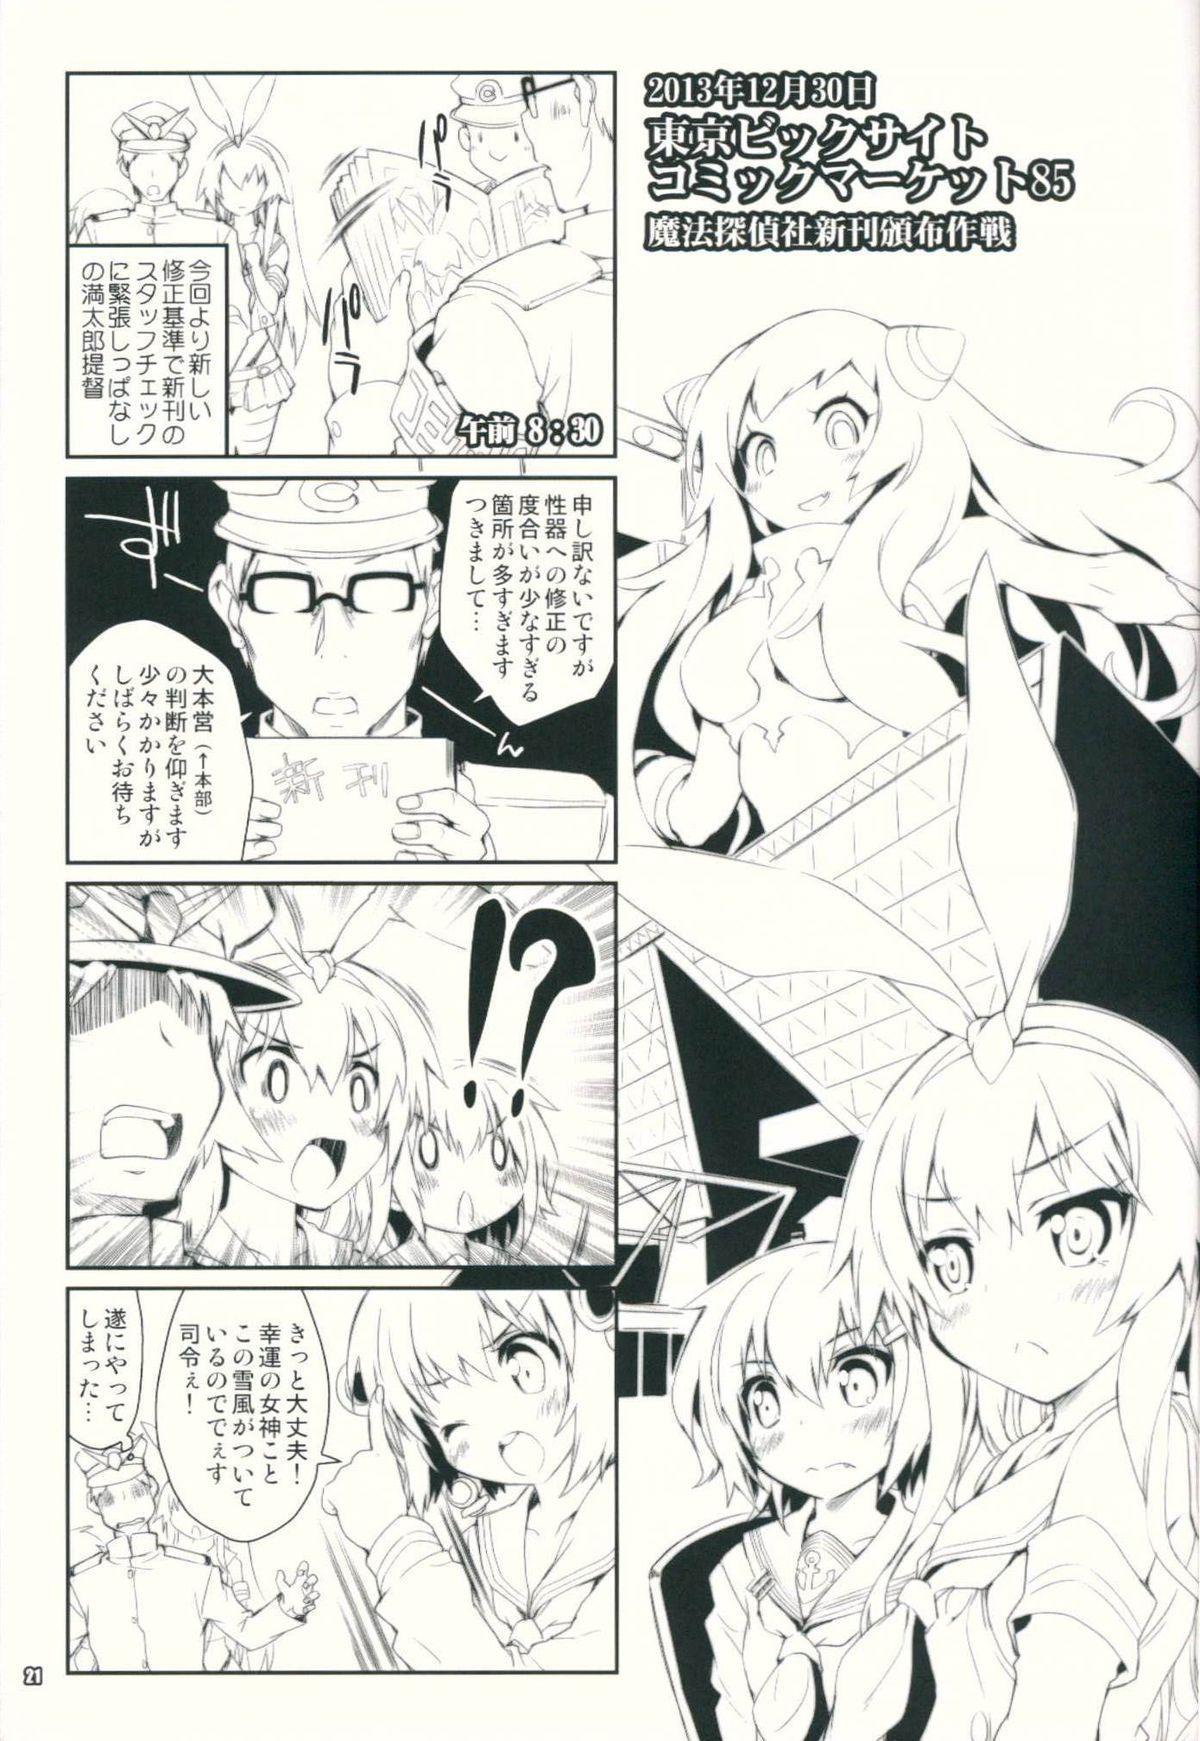 Kanmusu wa H Daisuki 3 Doko Fuku Shimakaze Amatsukaze 19